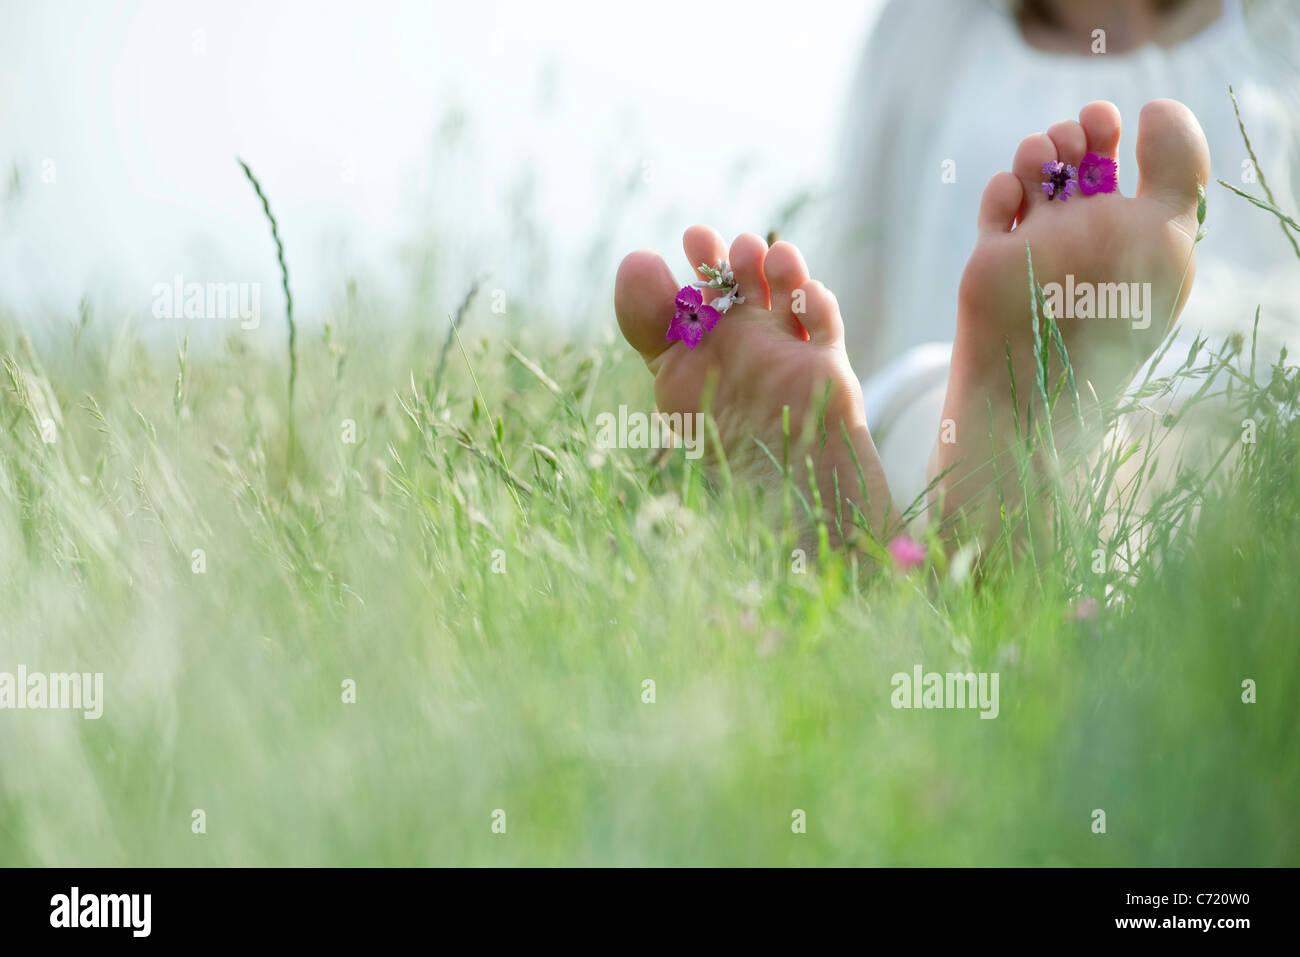 Barfuß junge Frau sitzt auf Wiese mit Wildblumen zwischen Zehen, beschnitten Stockfoto